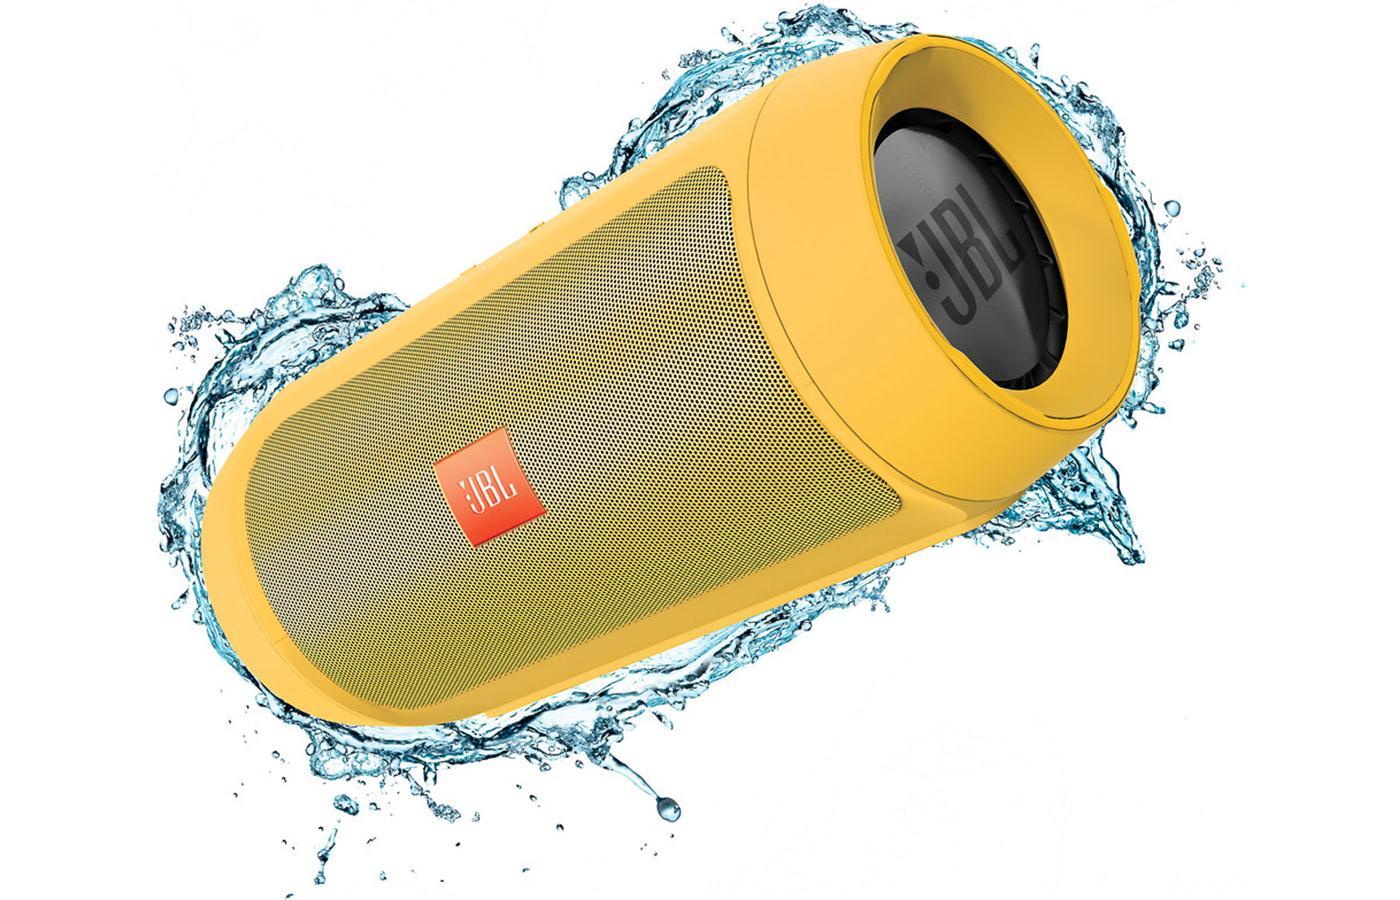 JBL Charge 2+ ลำโพงพกพากันน้ำได้ พลังเสียงเบสอิ่ม แน่น กระหึ่ม (Yellow) แถมกระเป๋าฟรี 1 ใบ